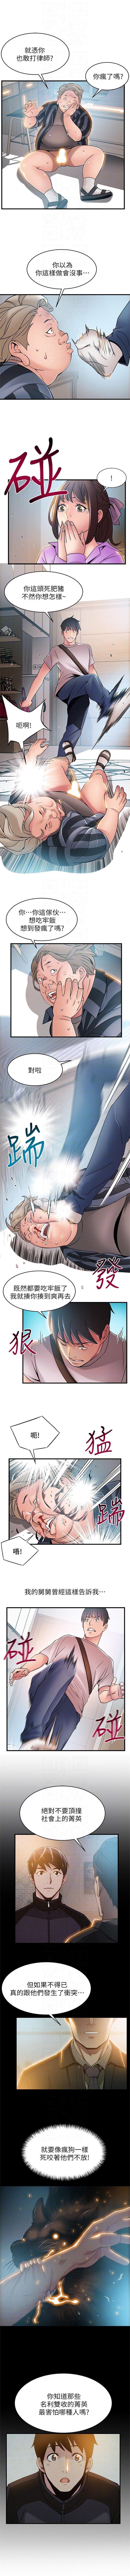 (周7)弱点 1-66 中文翻译(更新中) 216